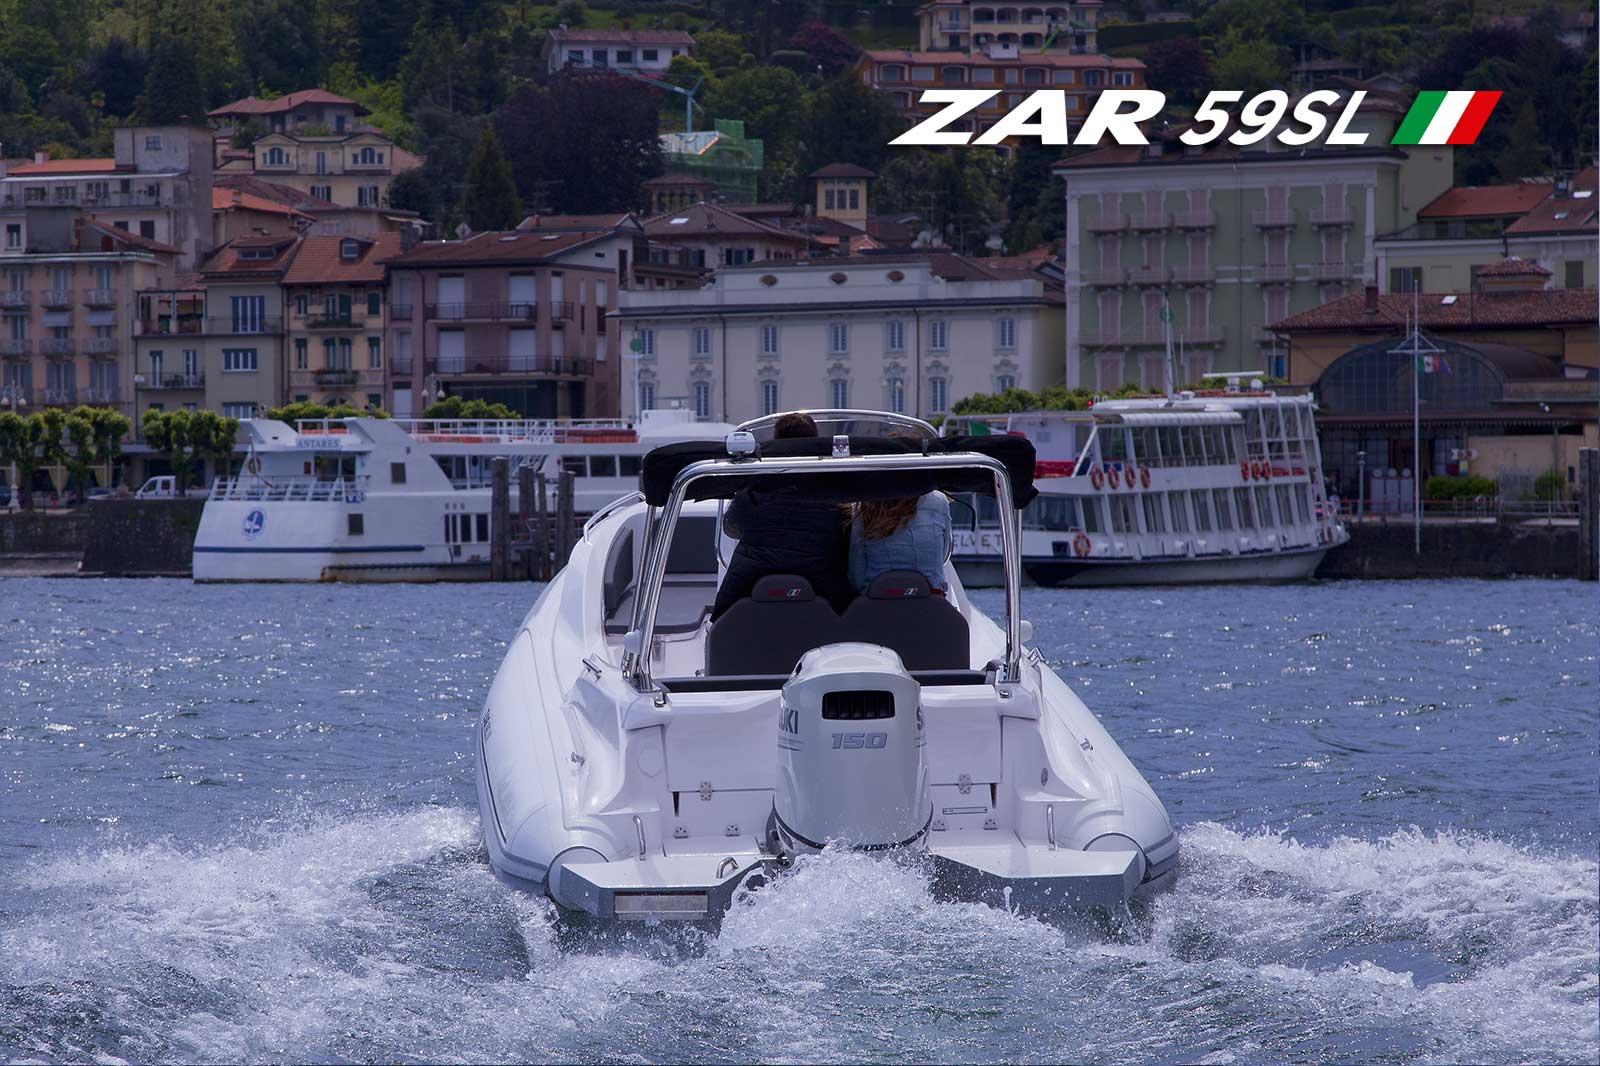 Zar59 10